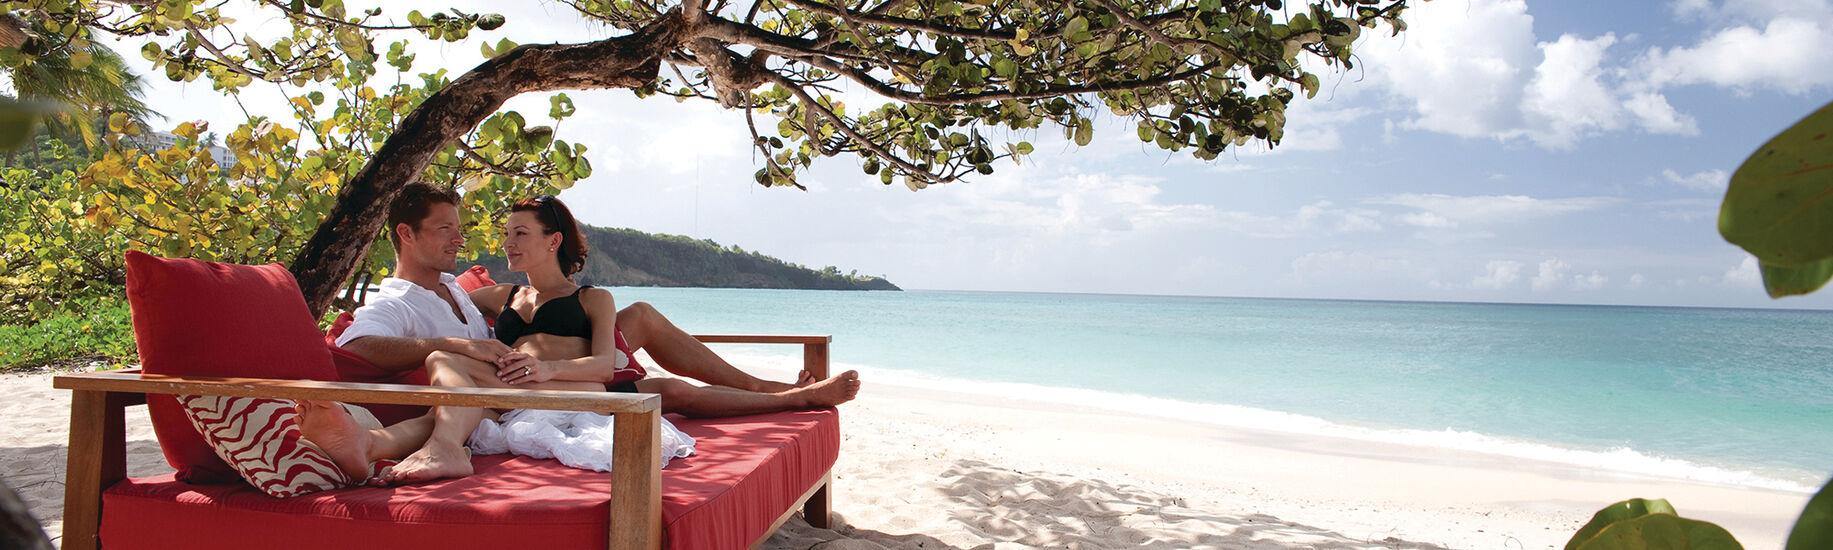 Romance in Grenada